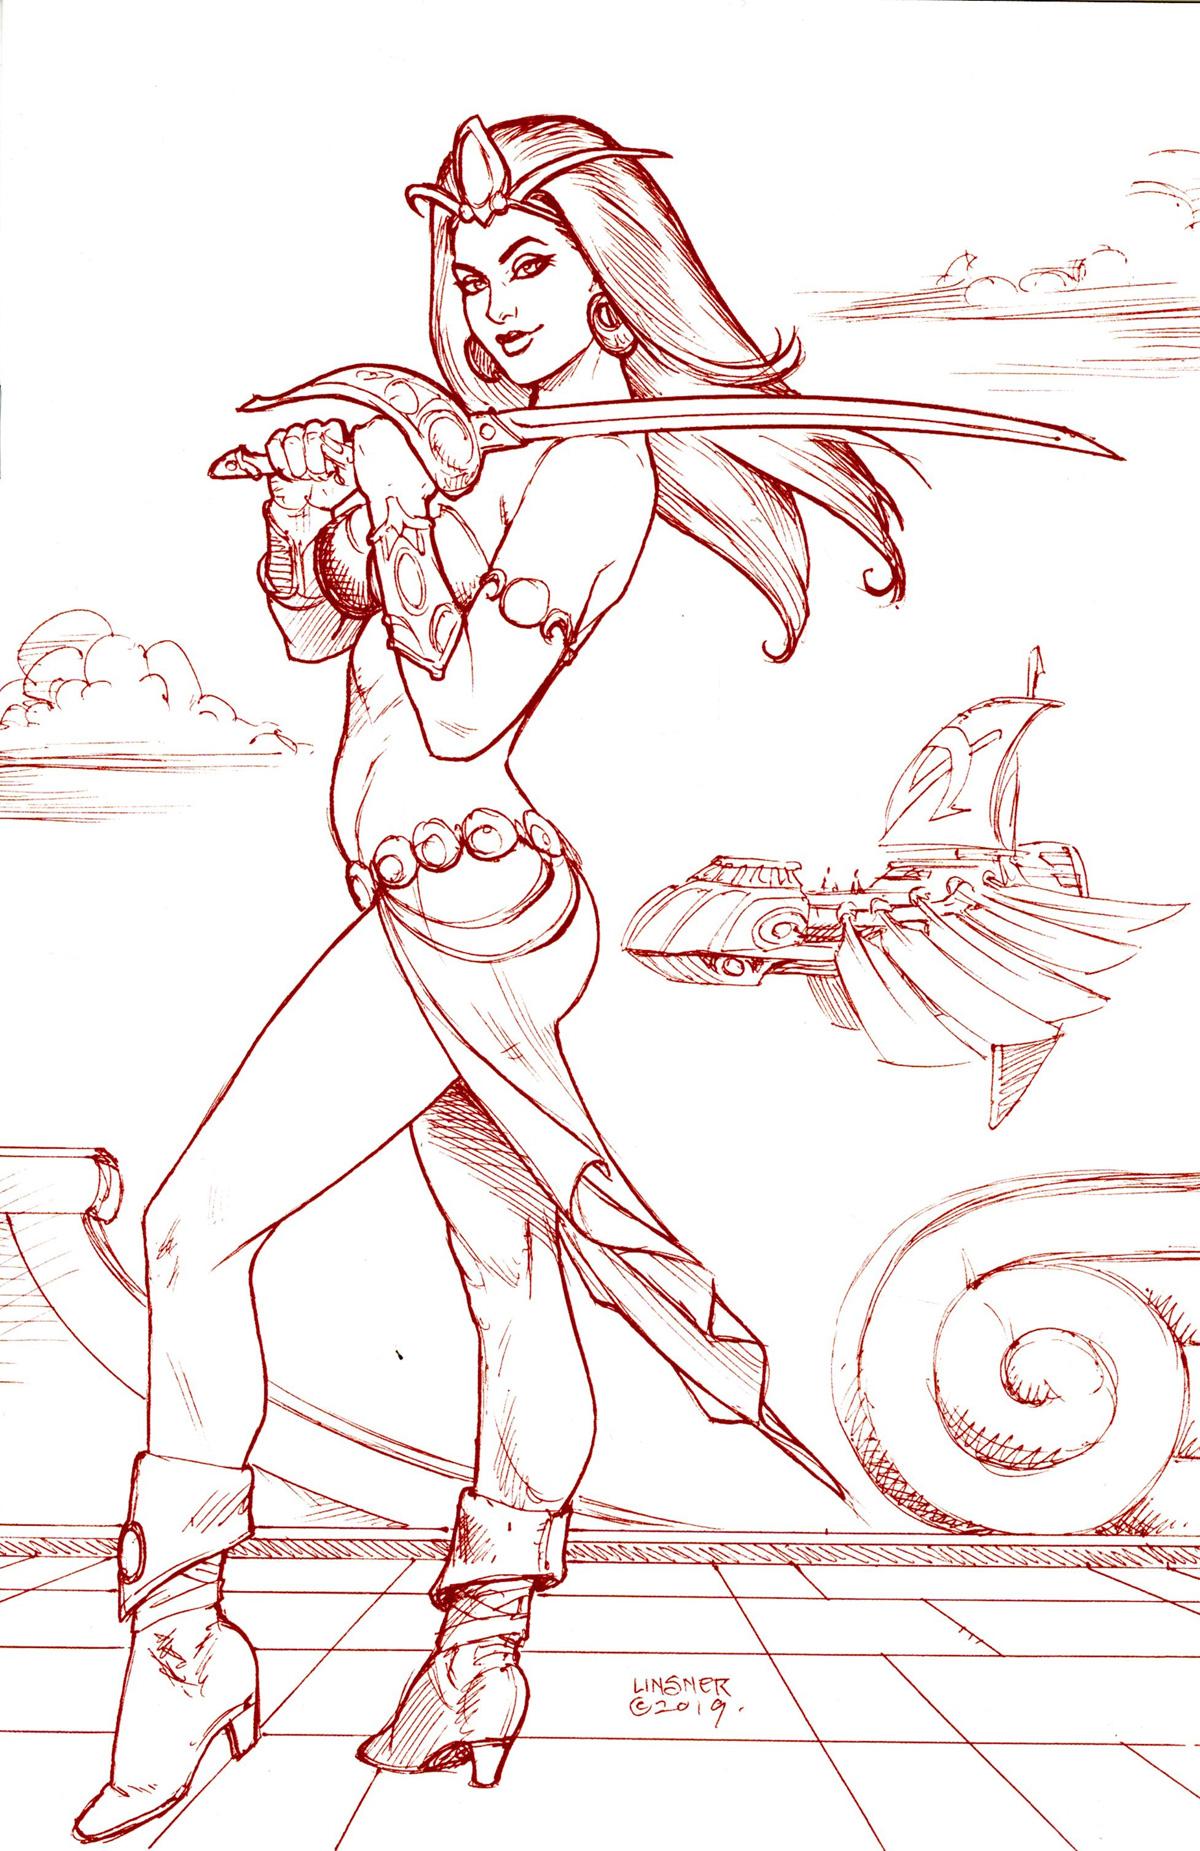 Dejah Thoris Vol 3 #4 Cover V Rare Limited Edition Joseph Michael Linsner Martian Red Cover